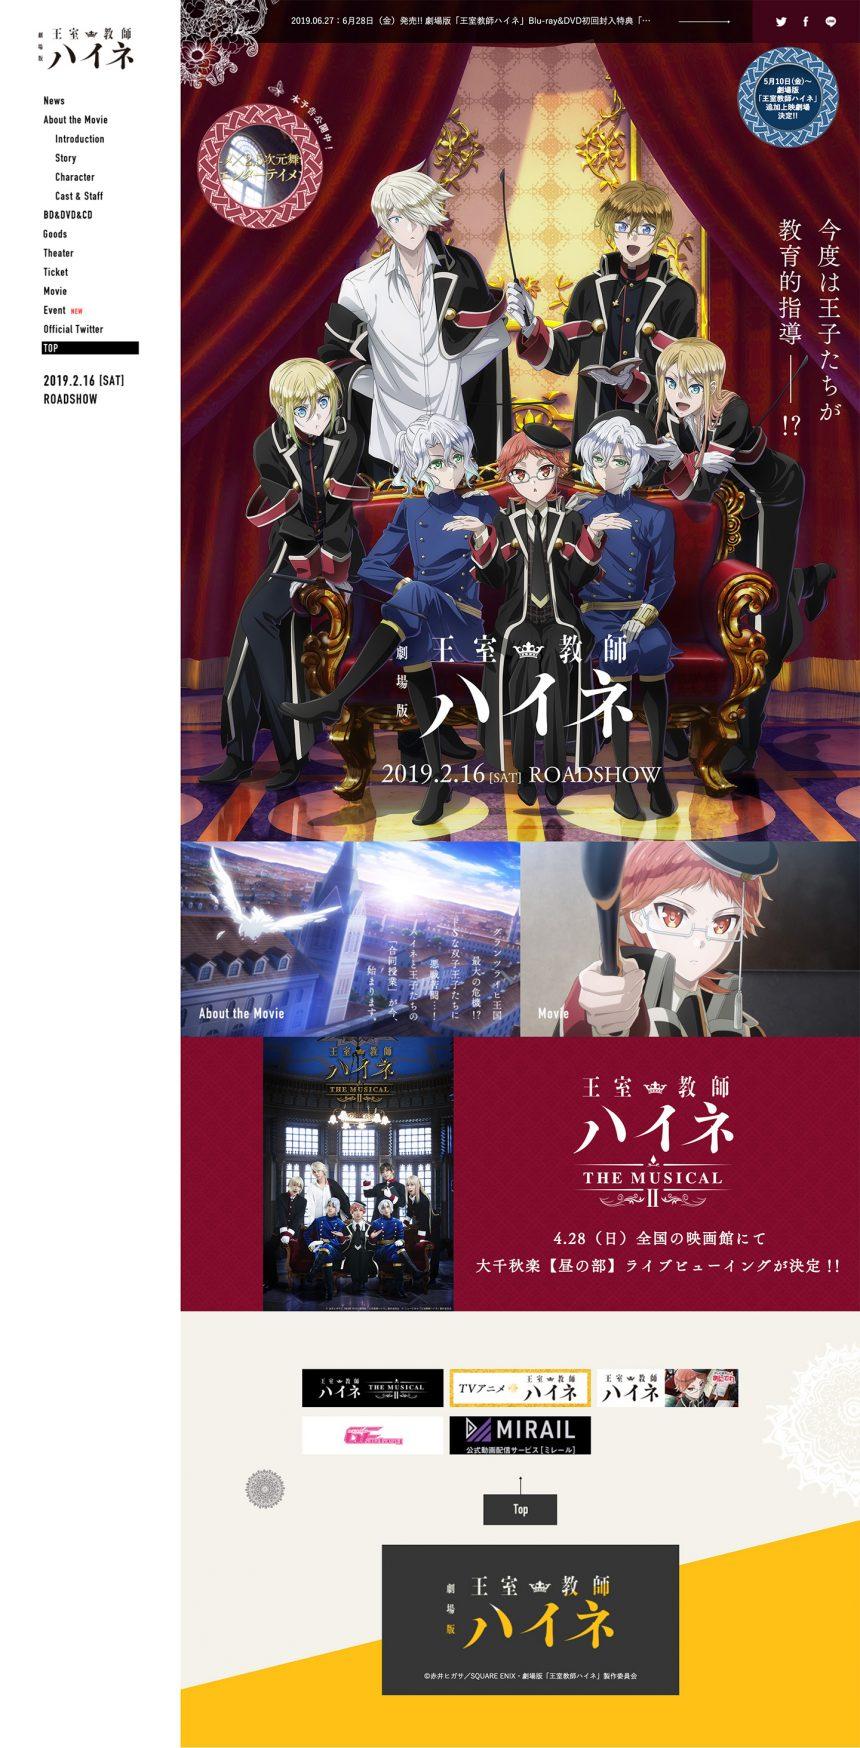 劇場版 王室教師ハイネ 公式サイト